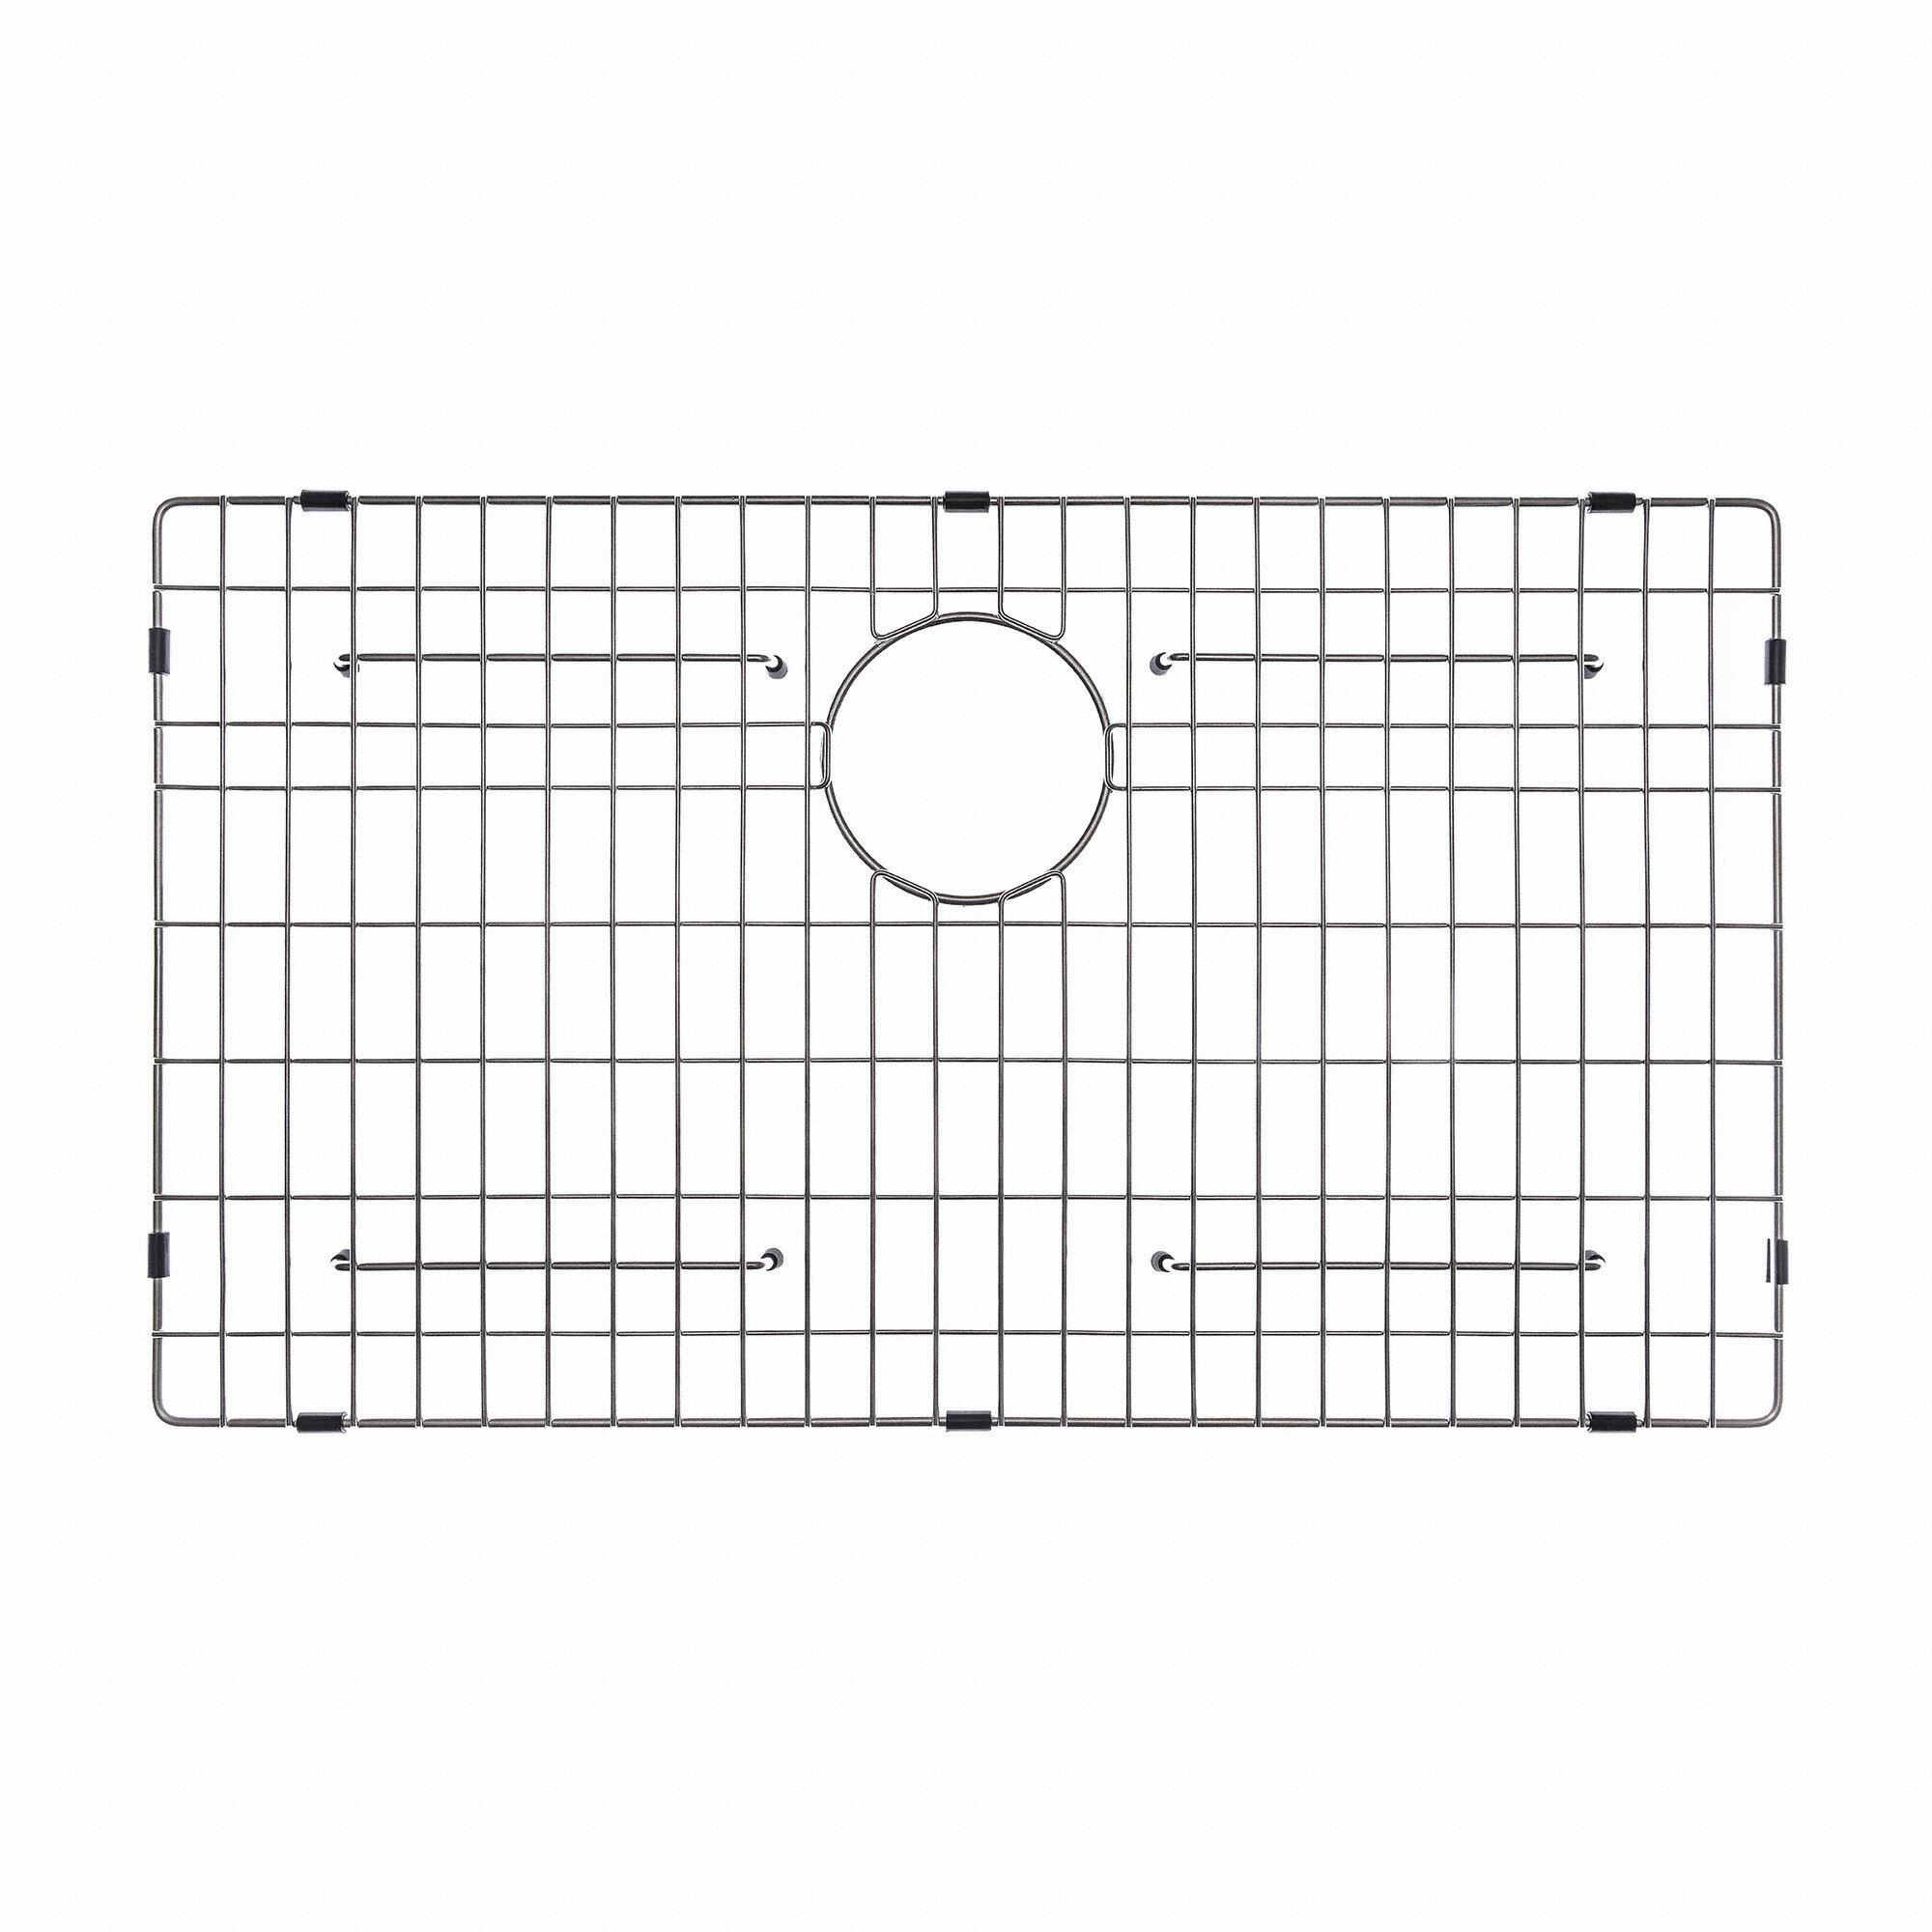 Kraus Sink Grid : Kraus Stainless Steel 27